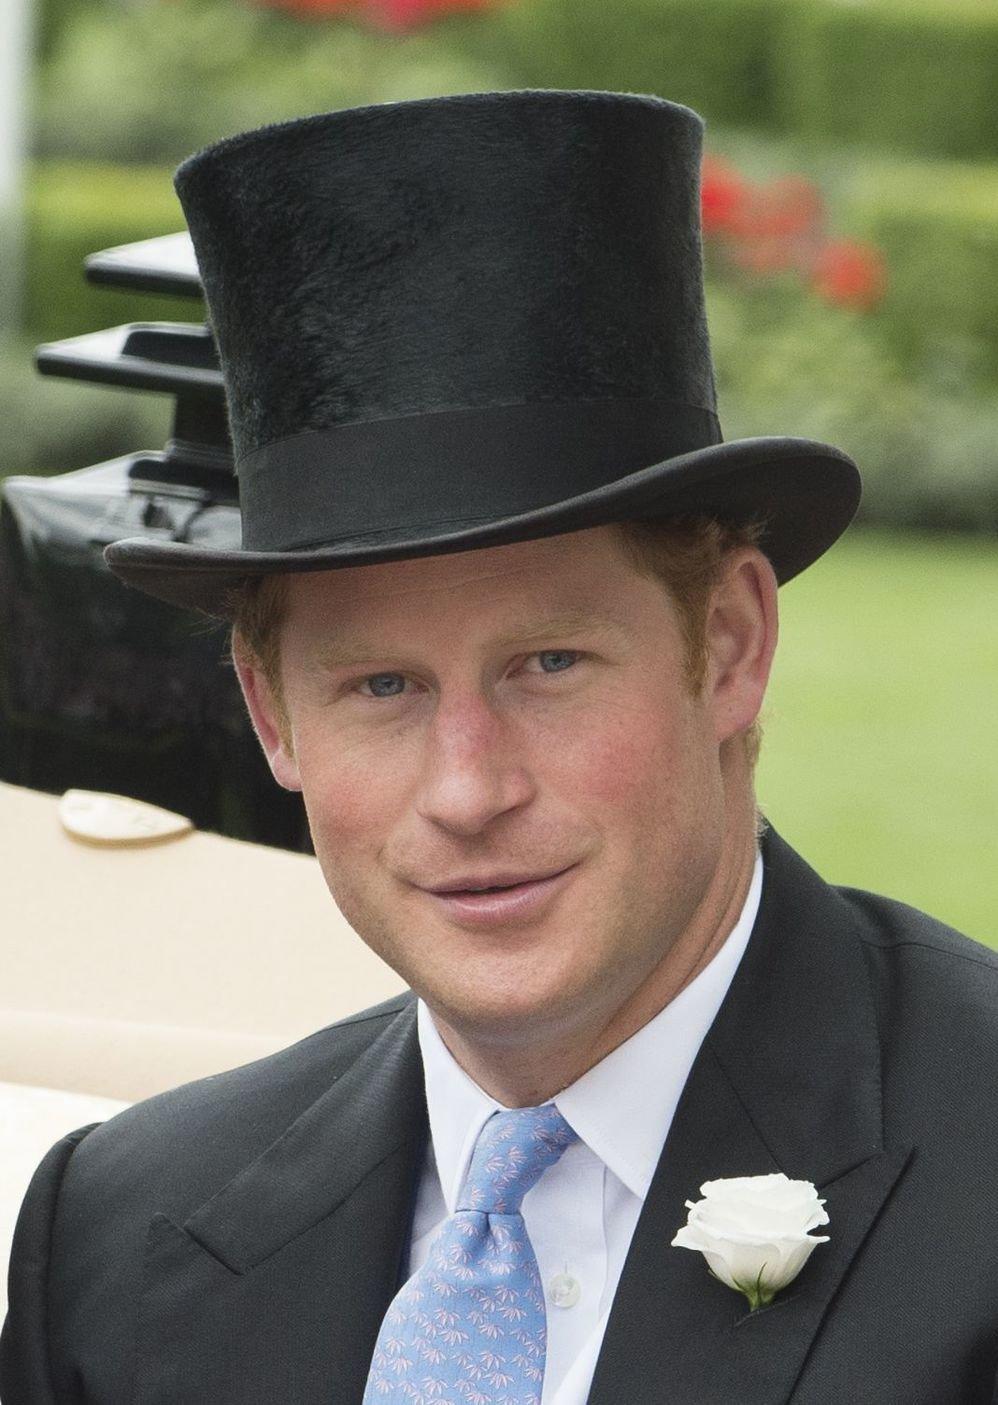 Снова вместе: принц Гарри встречается с бывшей?